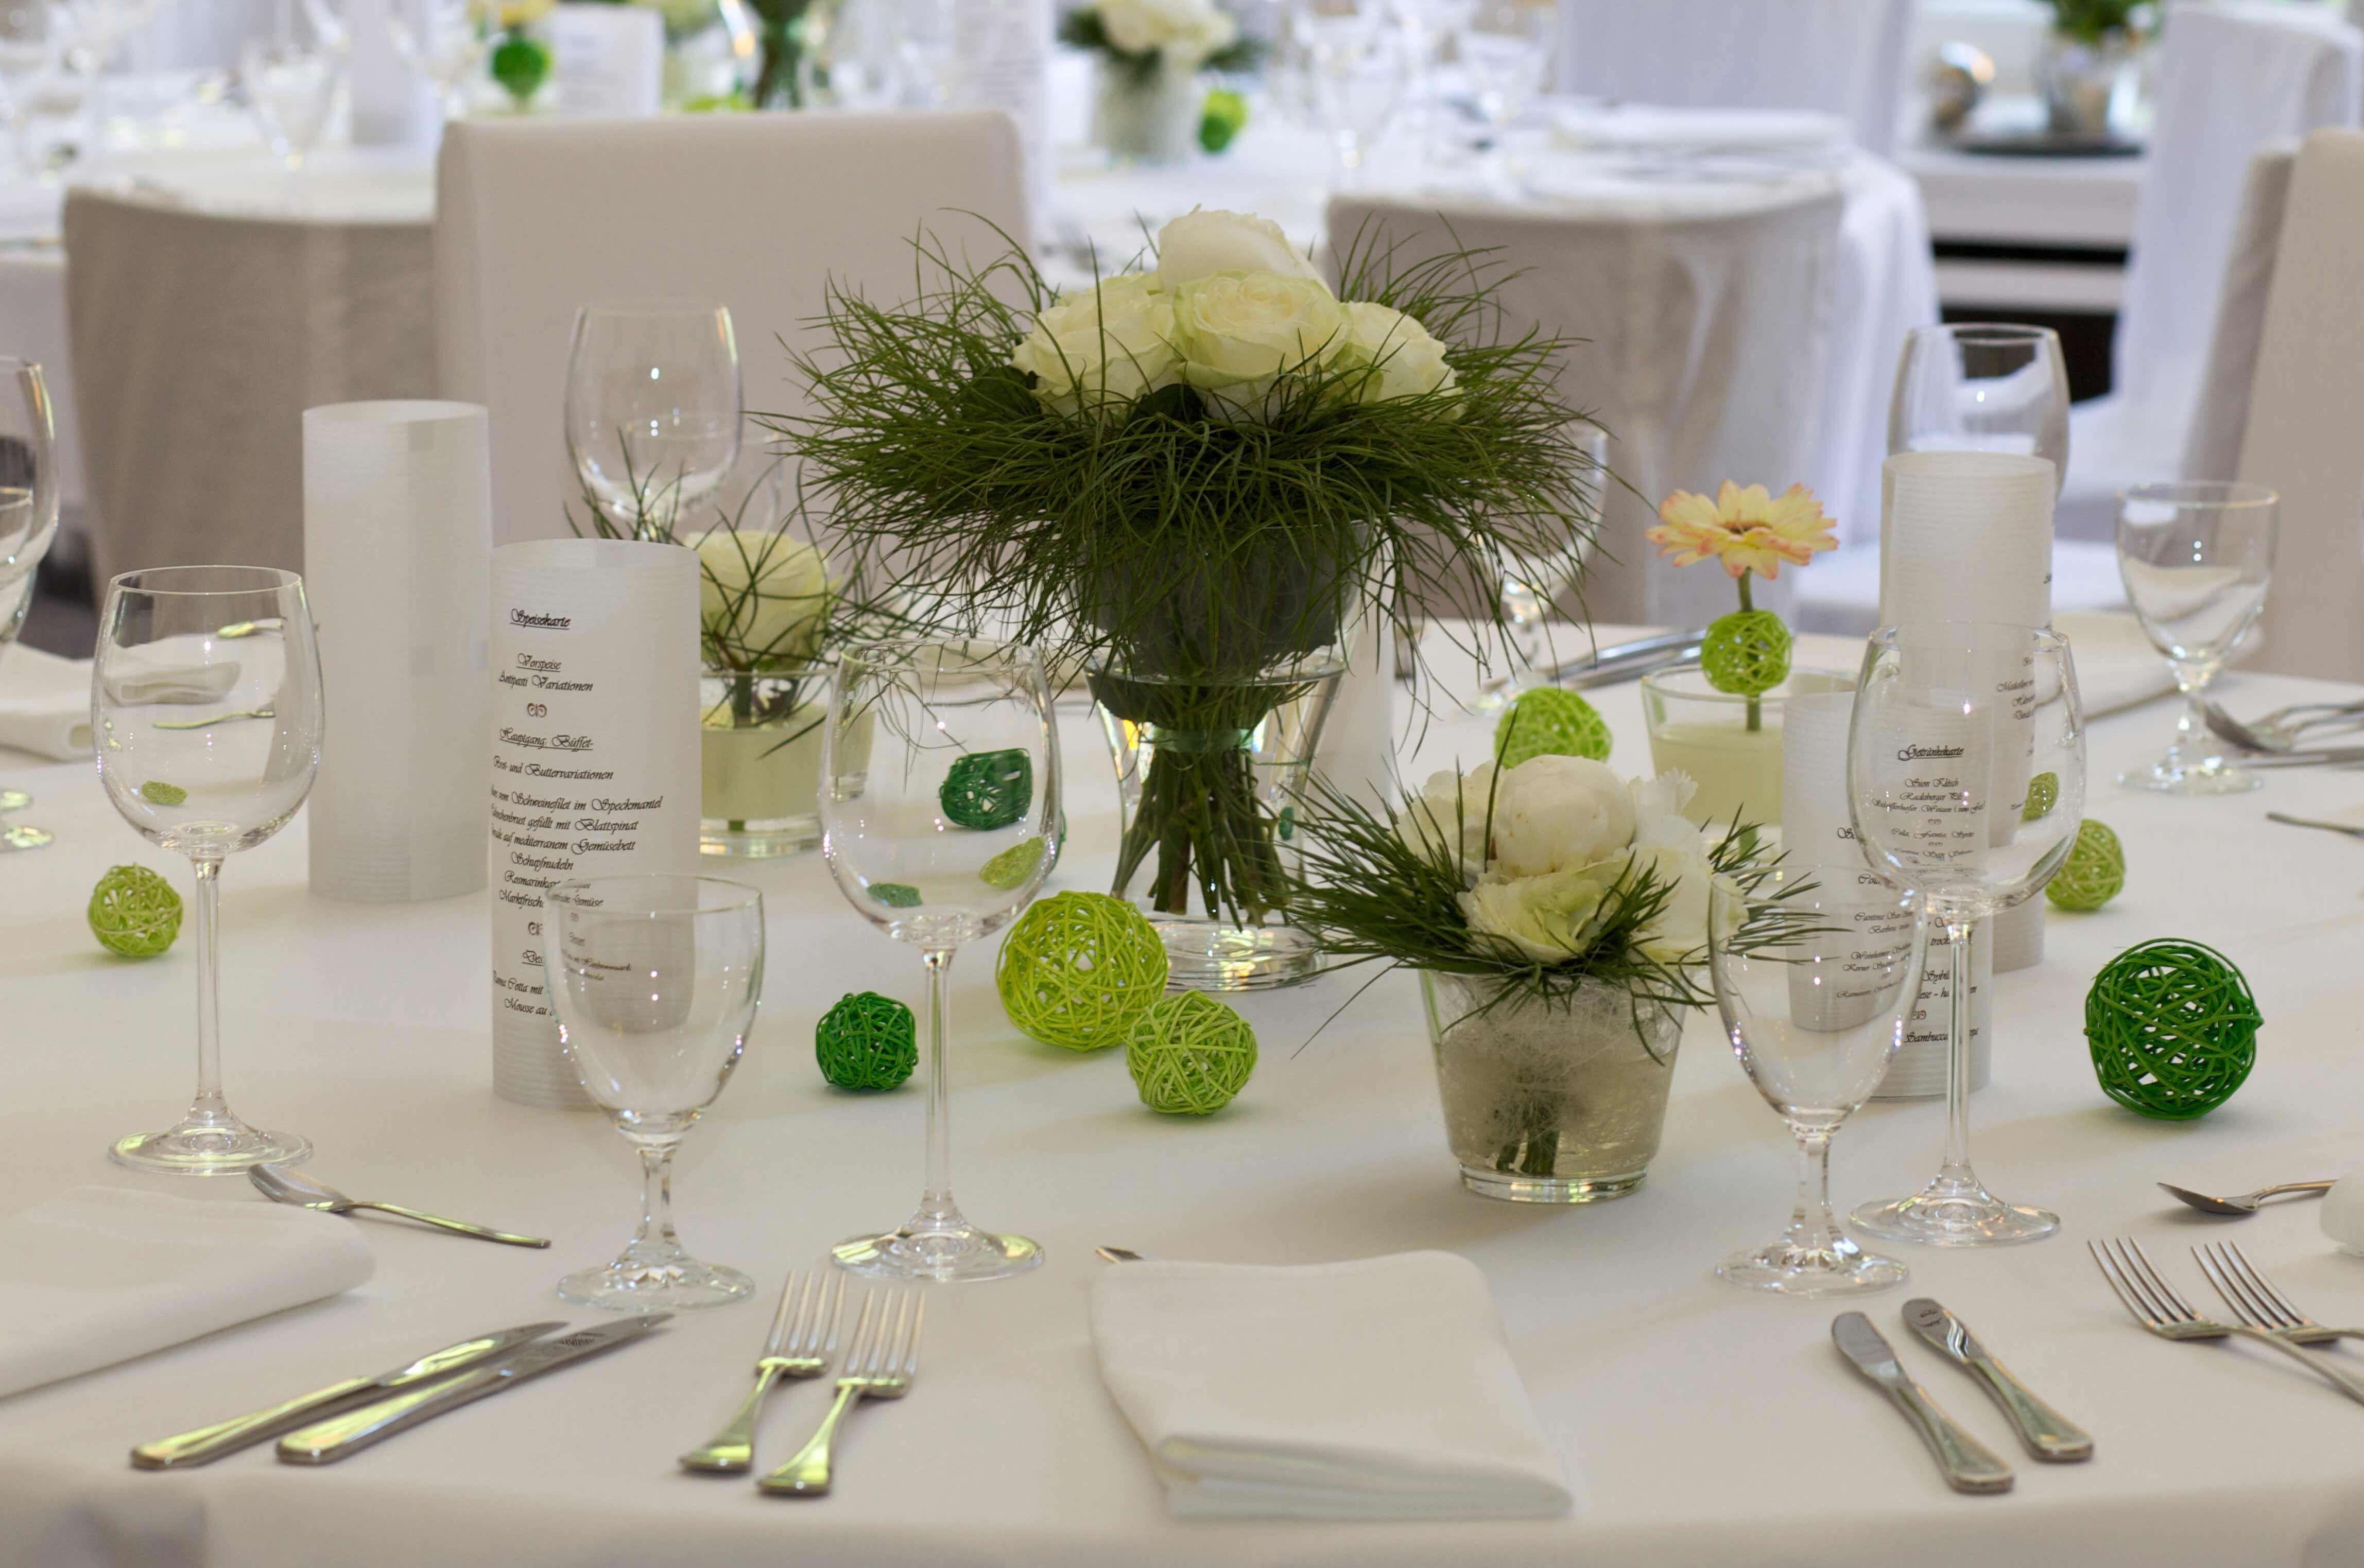 Hochzeitsdeko Fruhling Bildergalerie Mit Vielen Schonen Beispielen Tischdekoration Hochzeit Tischdeko Hochzeit Hochzeitsdeko